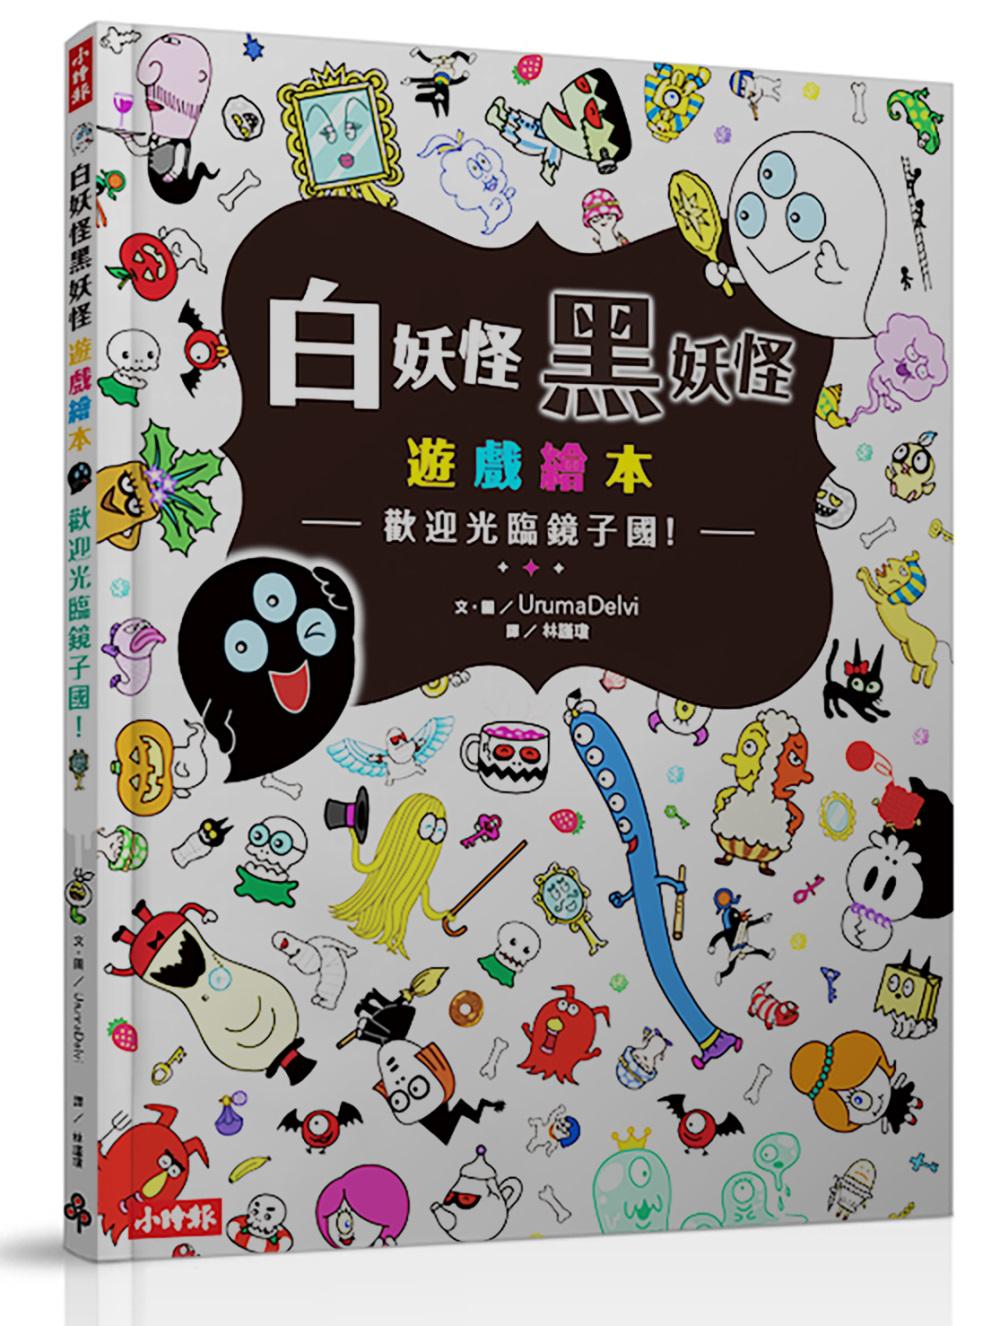 白妖怪黑妖怪遊戲繪本:歡迎光臨鏡子國!